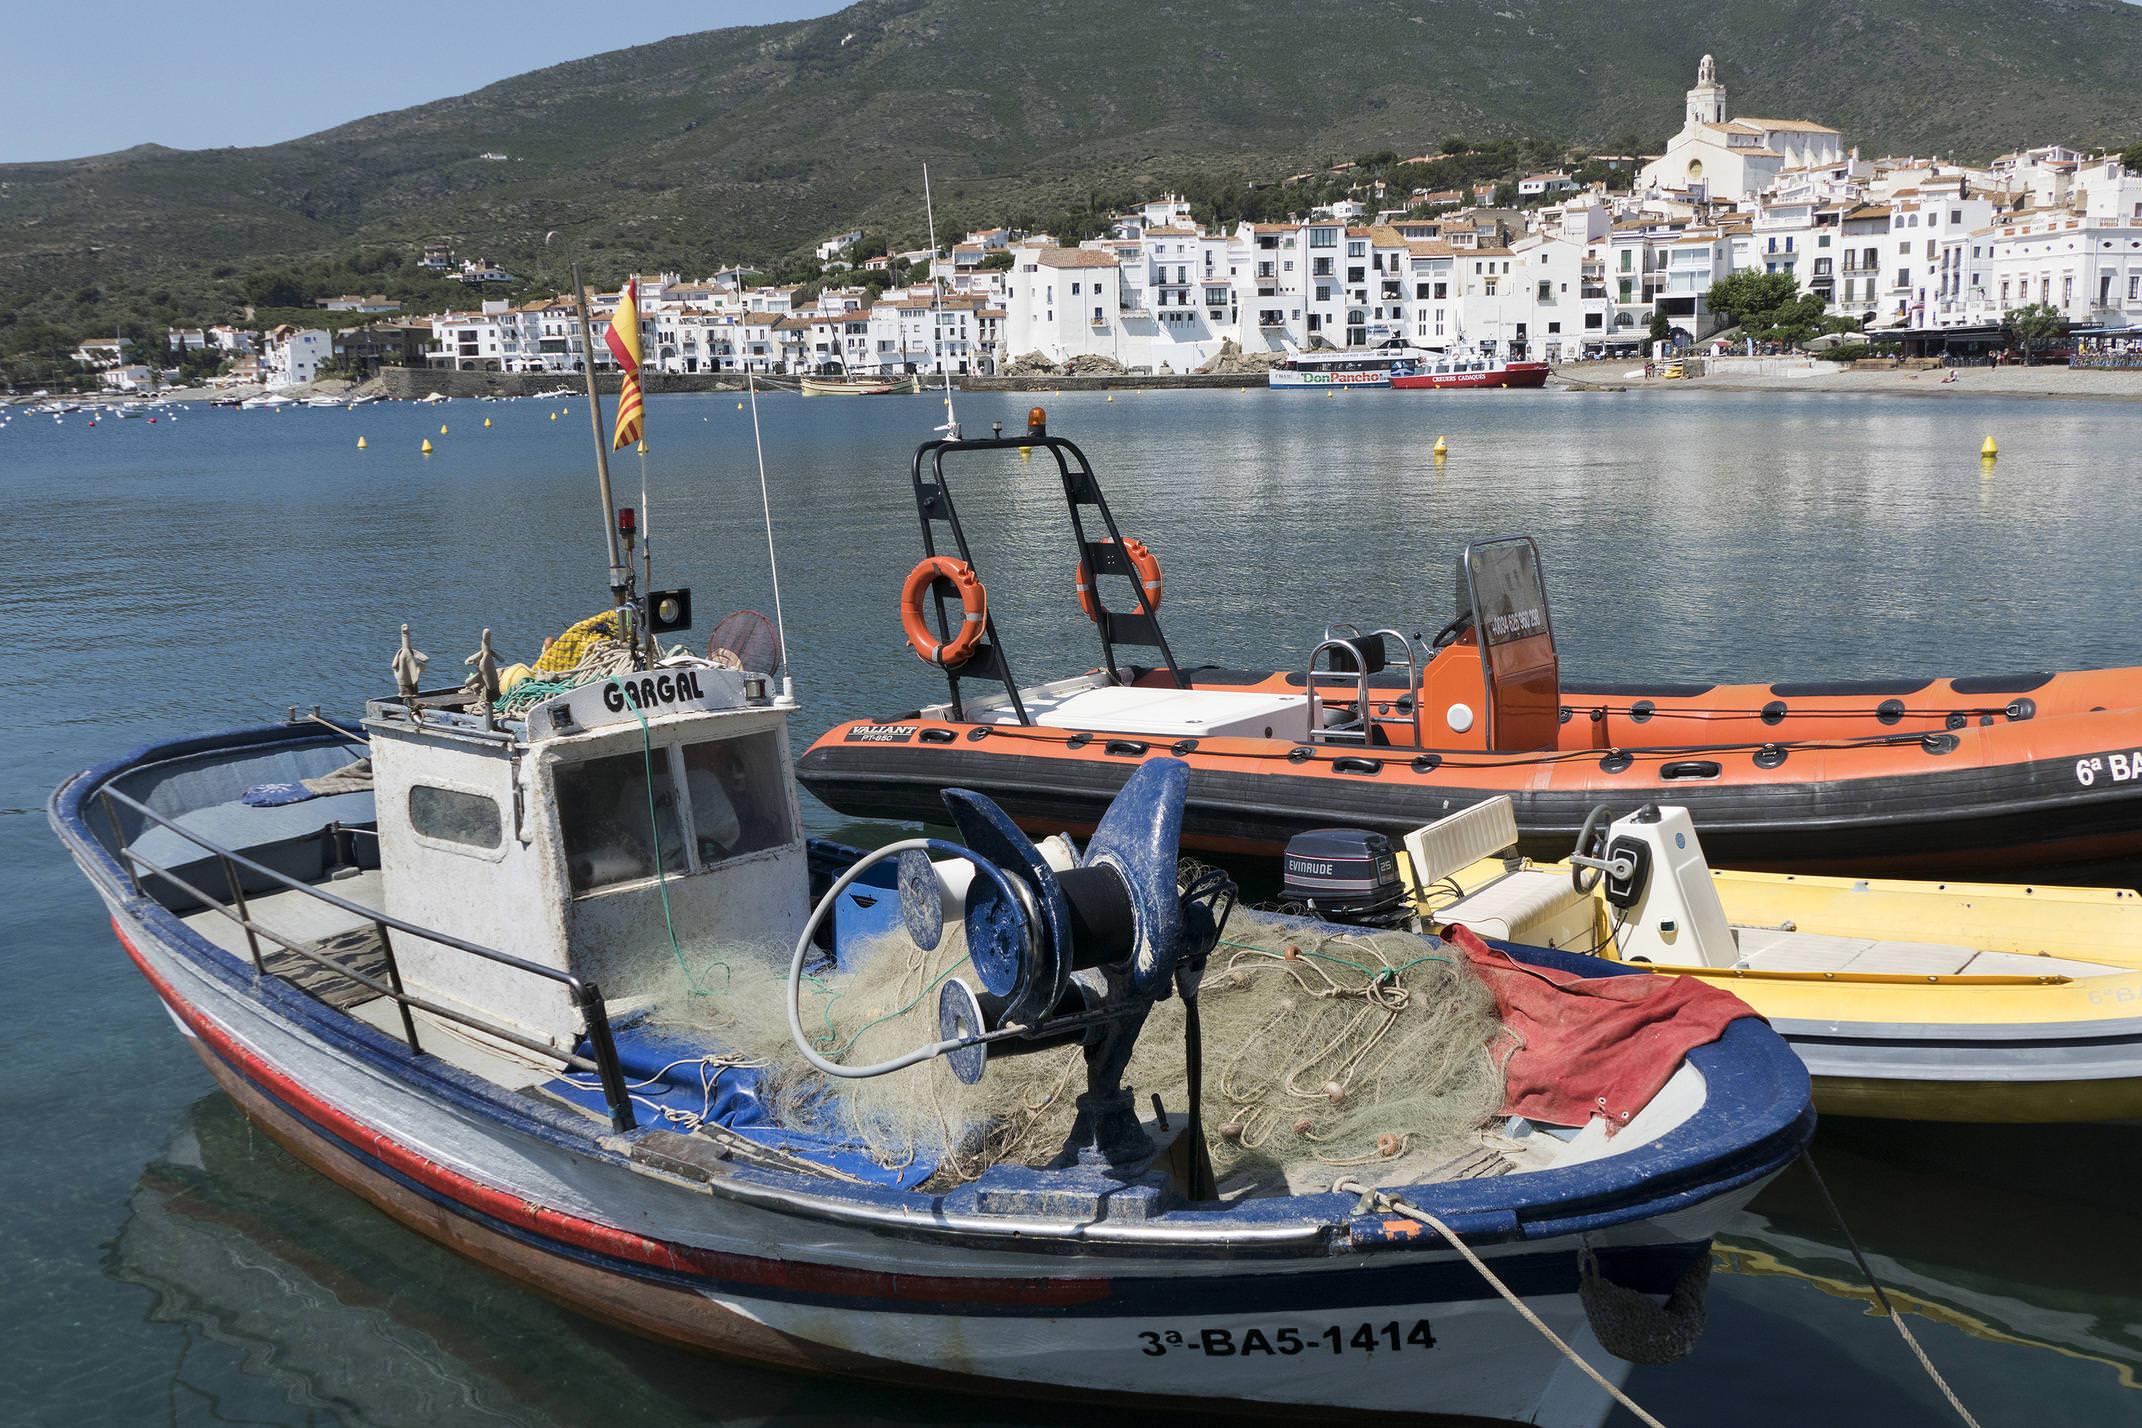 Spain catalonia cadaques fishing c diego pura aventura